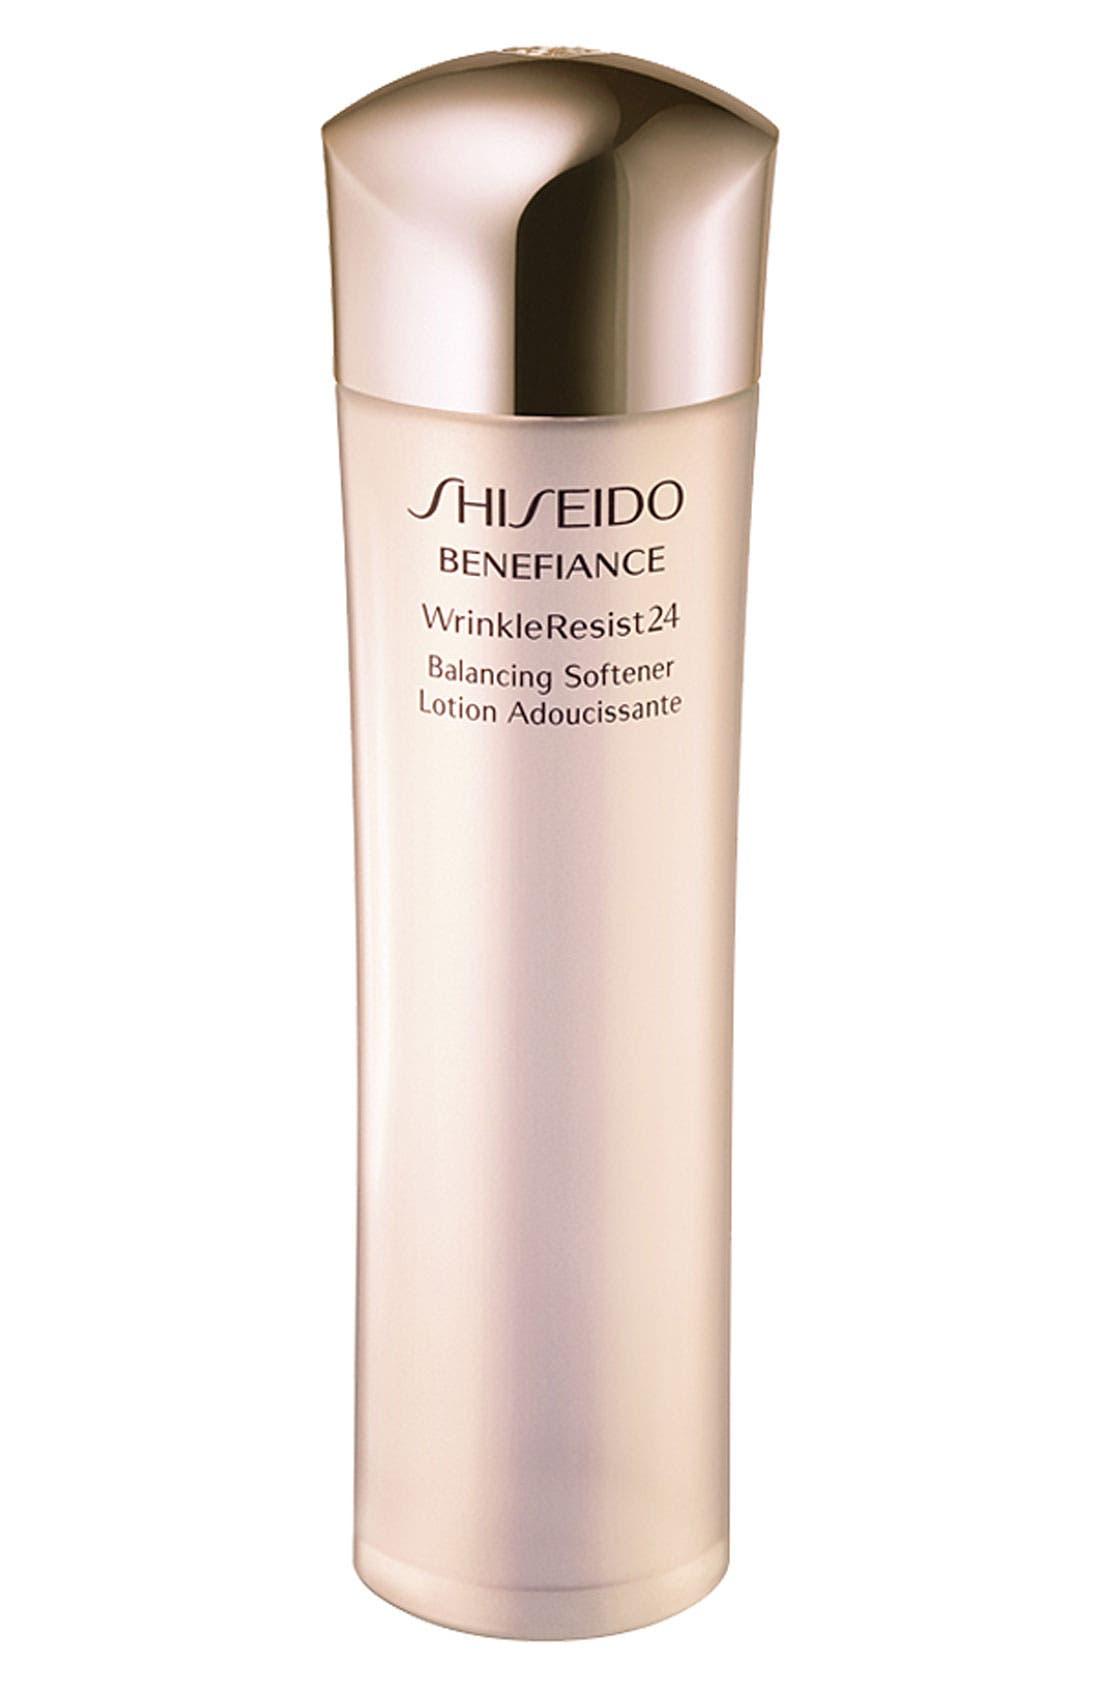 Shiseido 'Benefiance WrinkleResist24' Balancing Softener